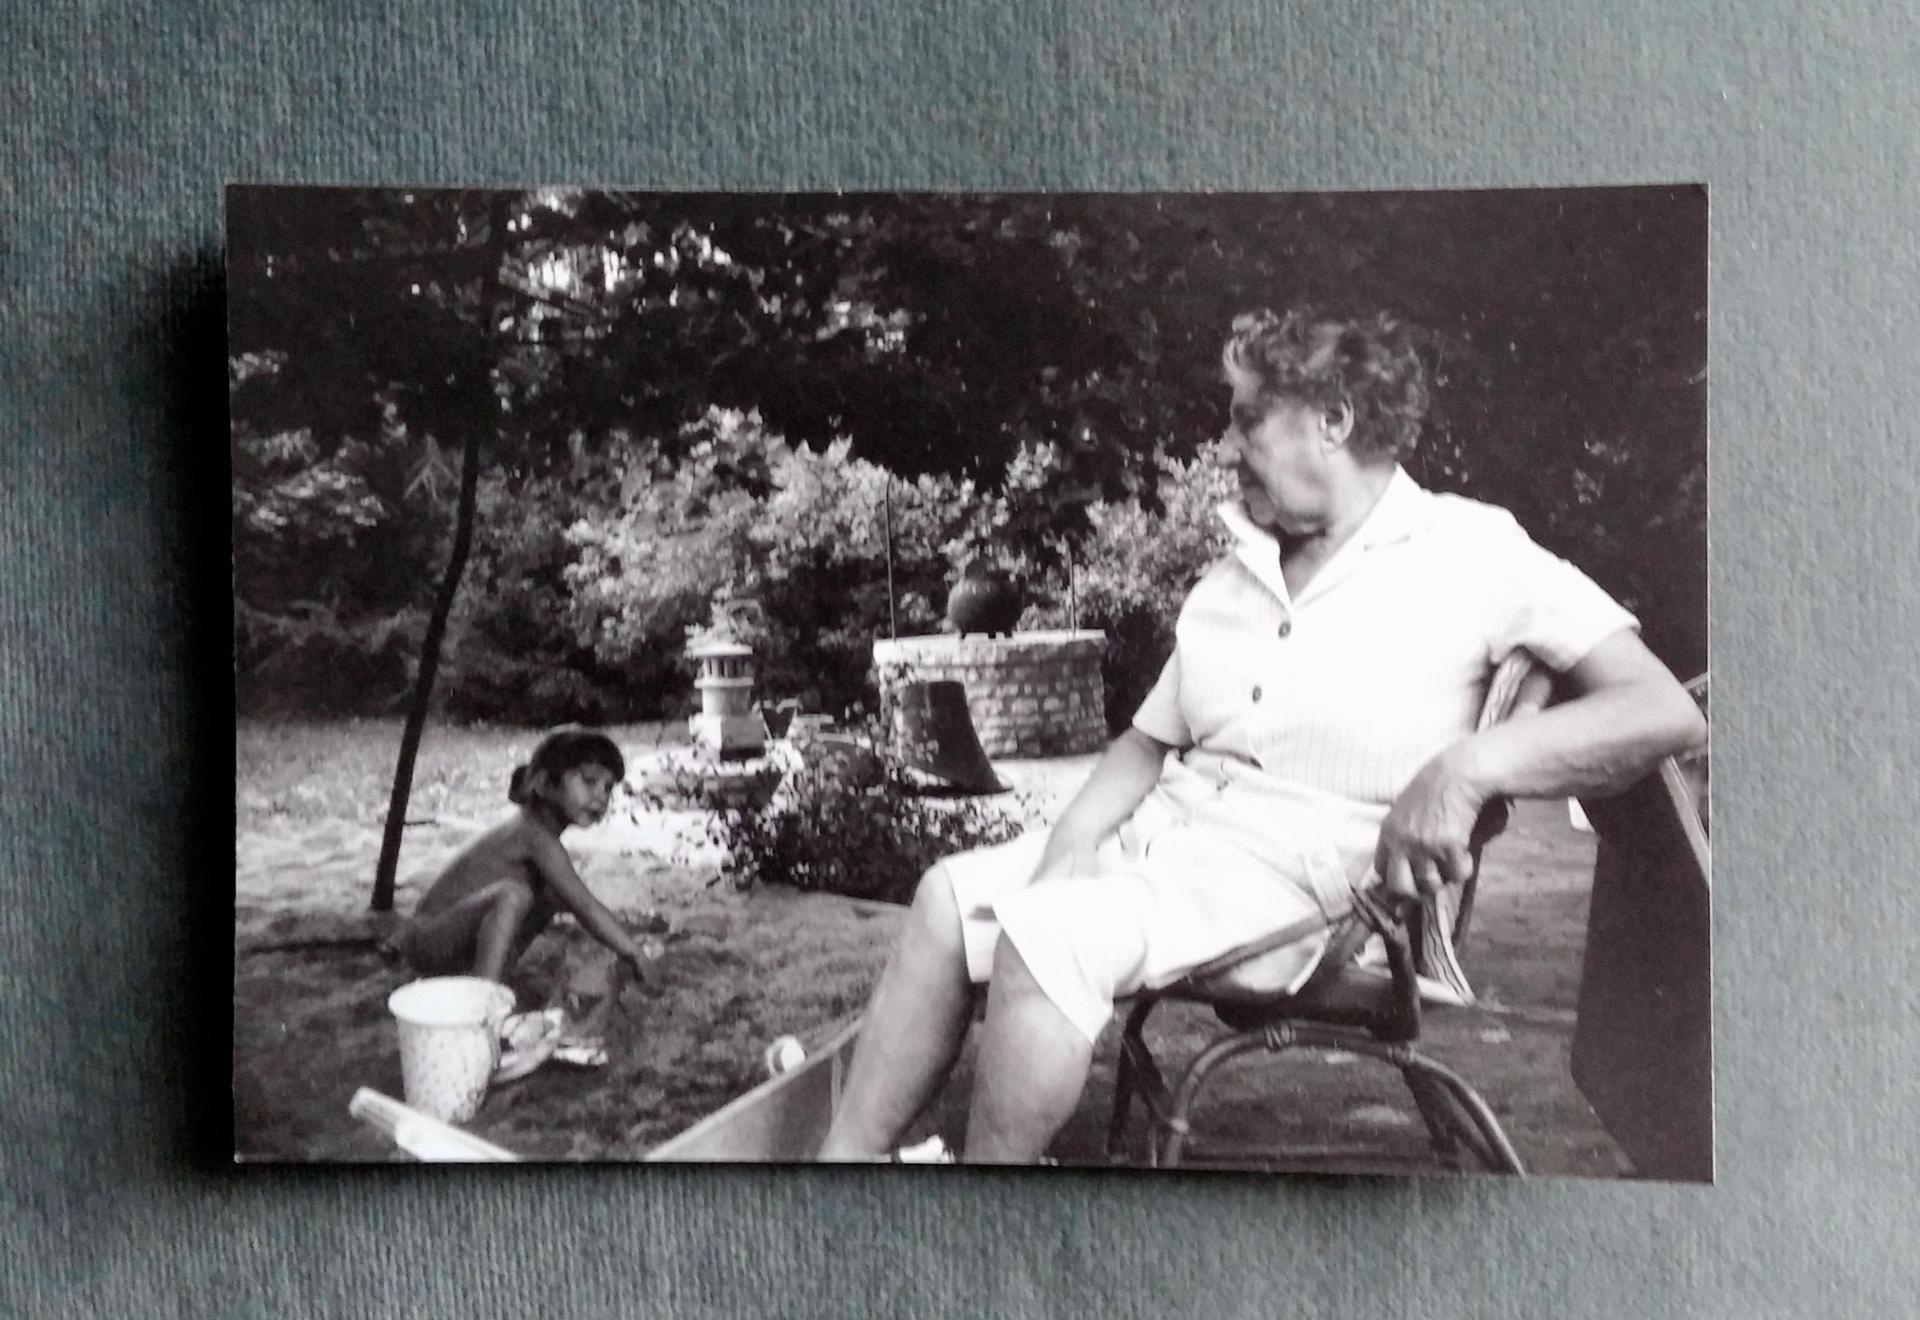 Souvenir de l'été 1990 - Lou & Gilberte, arrière grand-mère